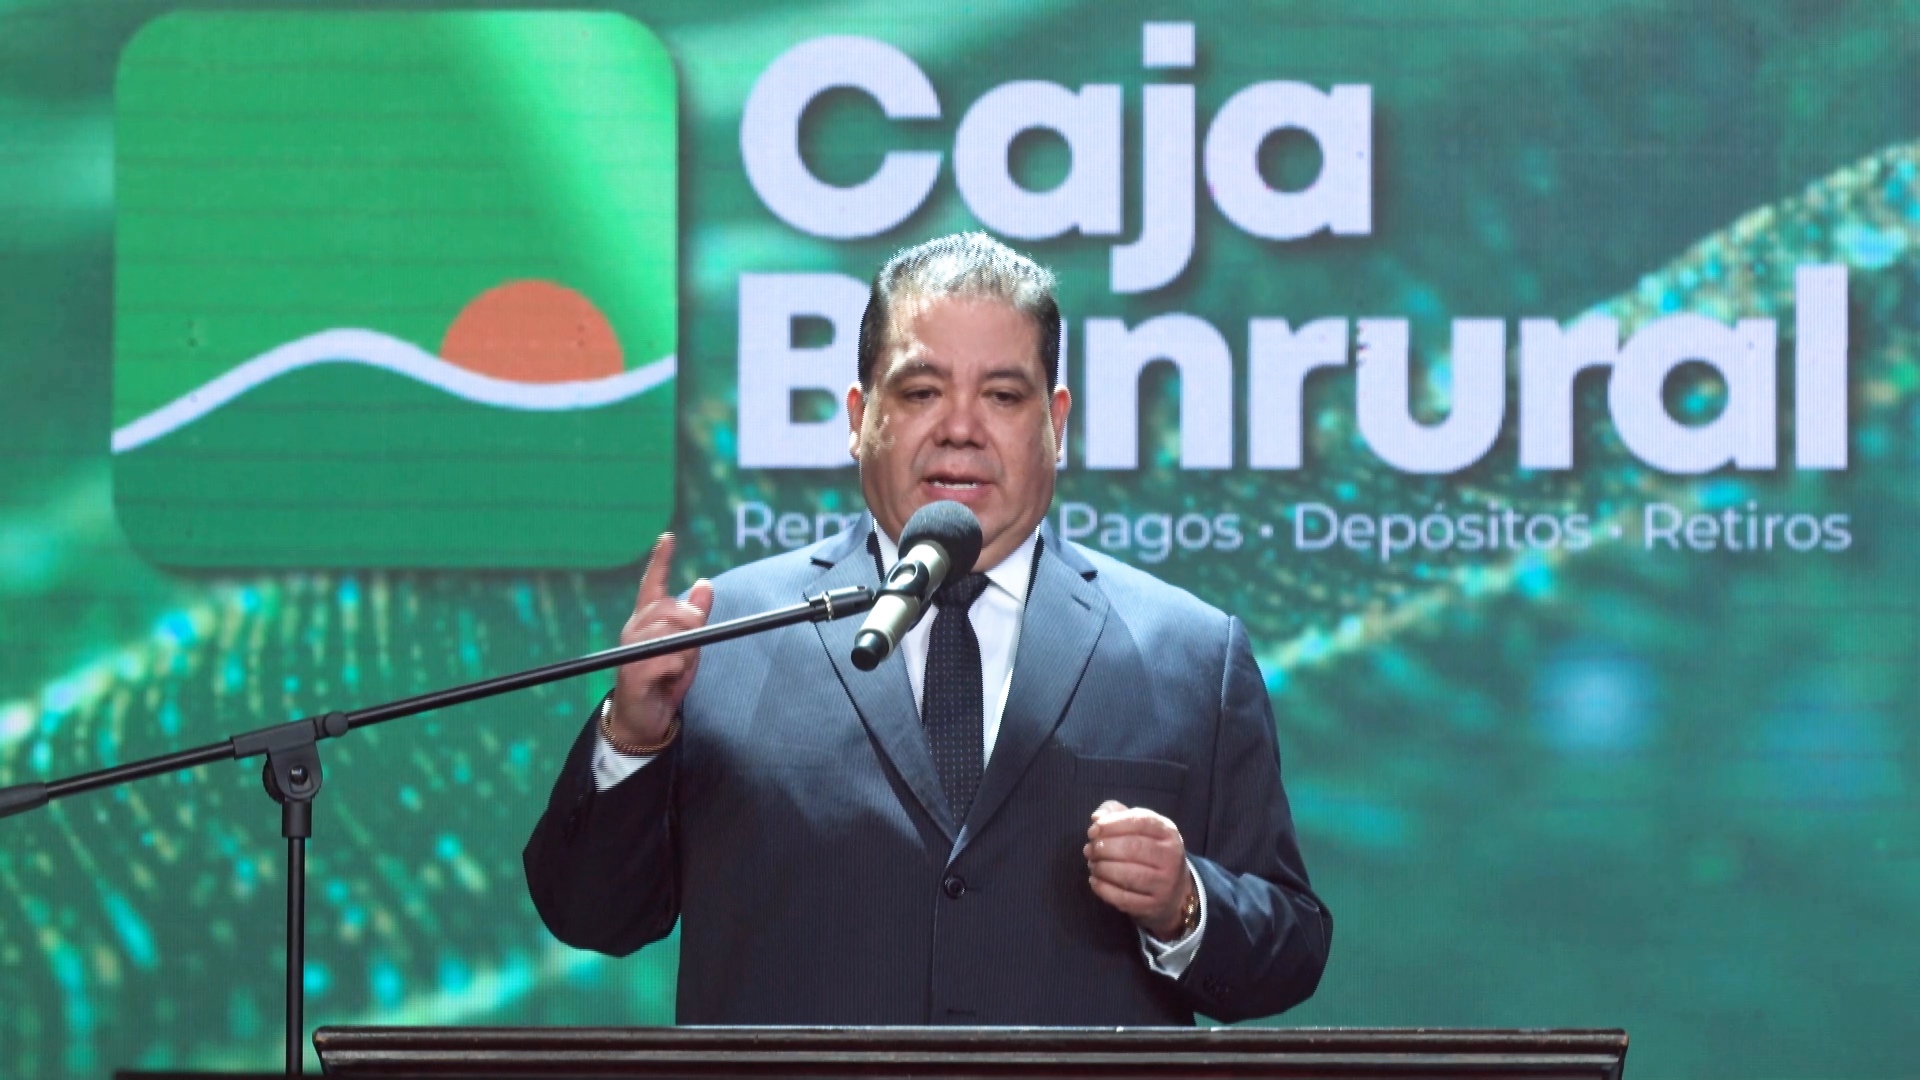 CAJA BANRURAL: un servicio eficiente y cercano para todos los guatemaltecos